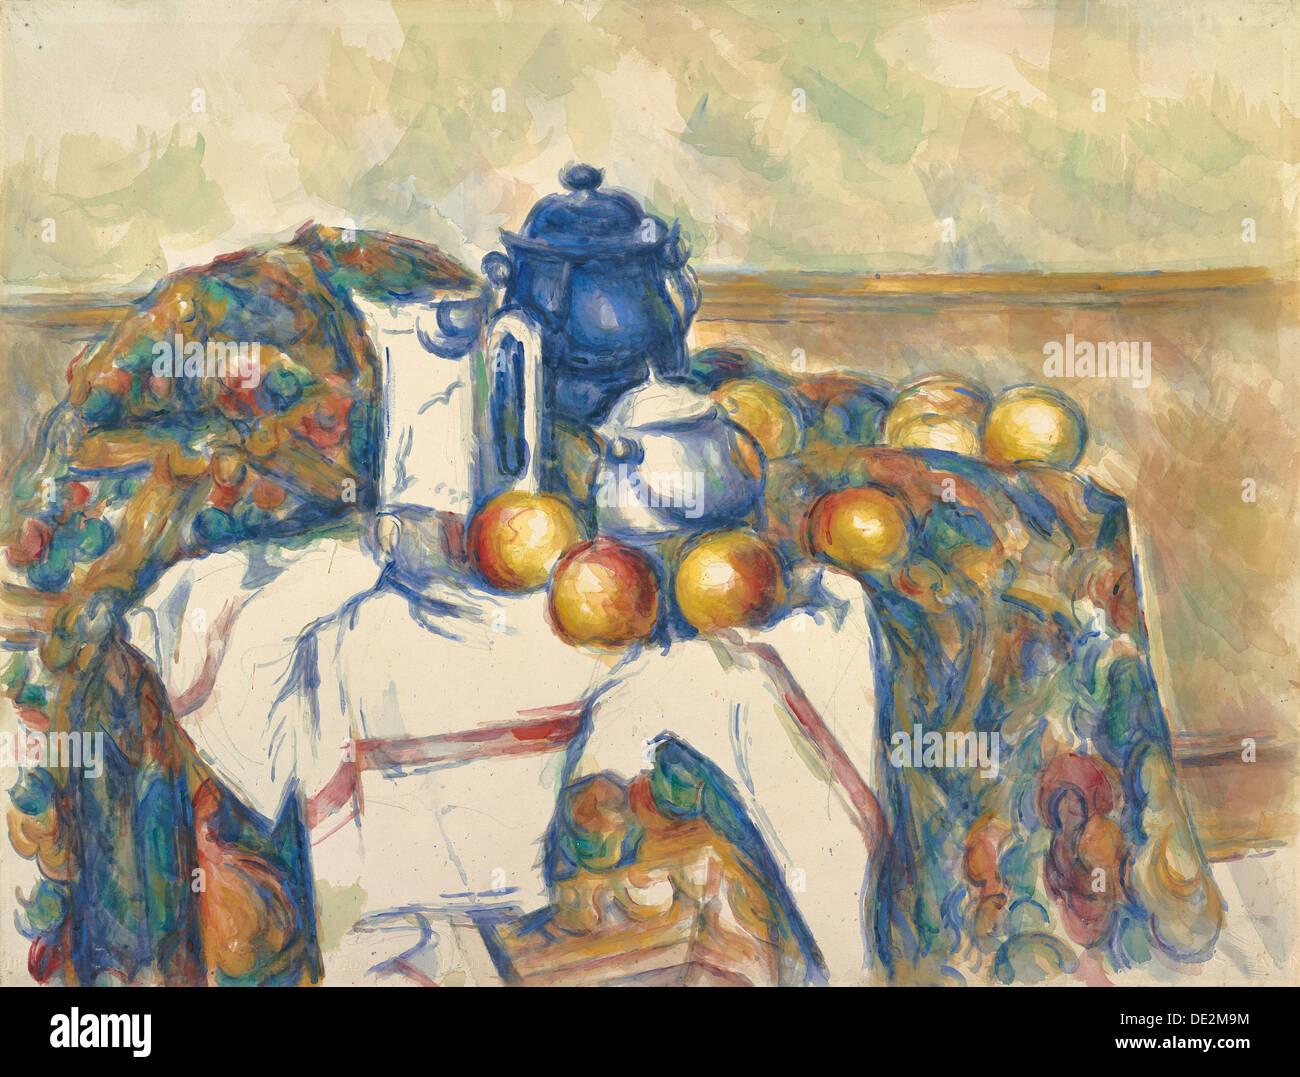 Nature morte au Pot bleu; Paul Cézanne, Français, 1839 - 1906 Banque D'Images